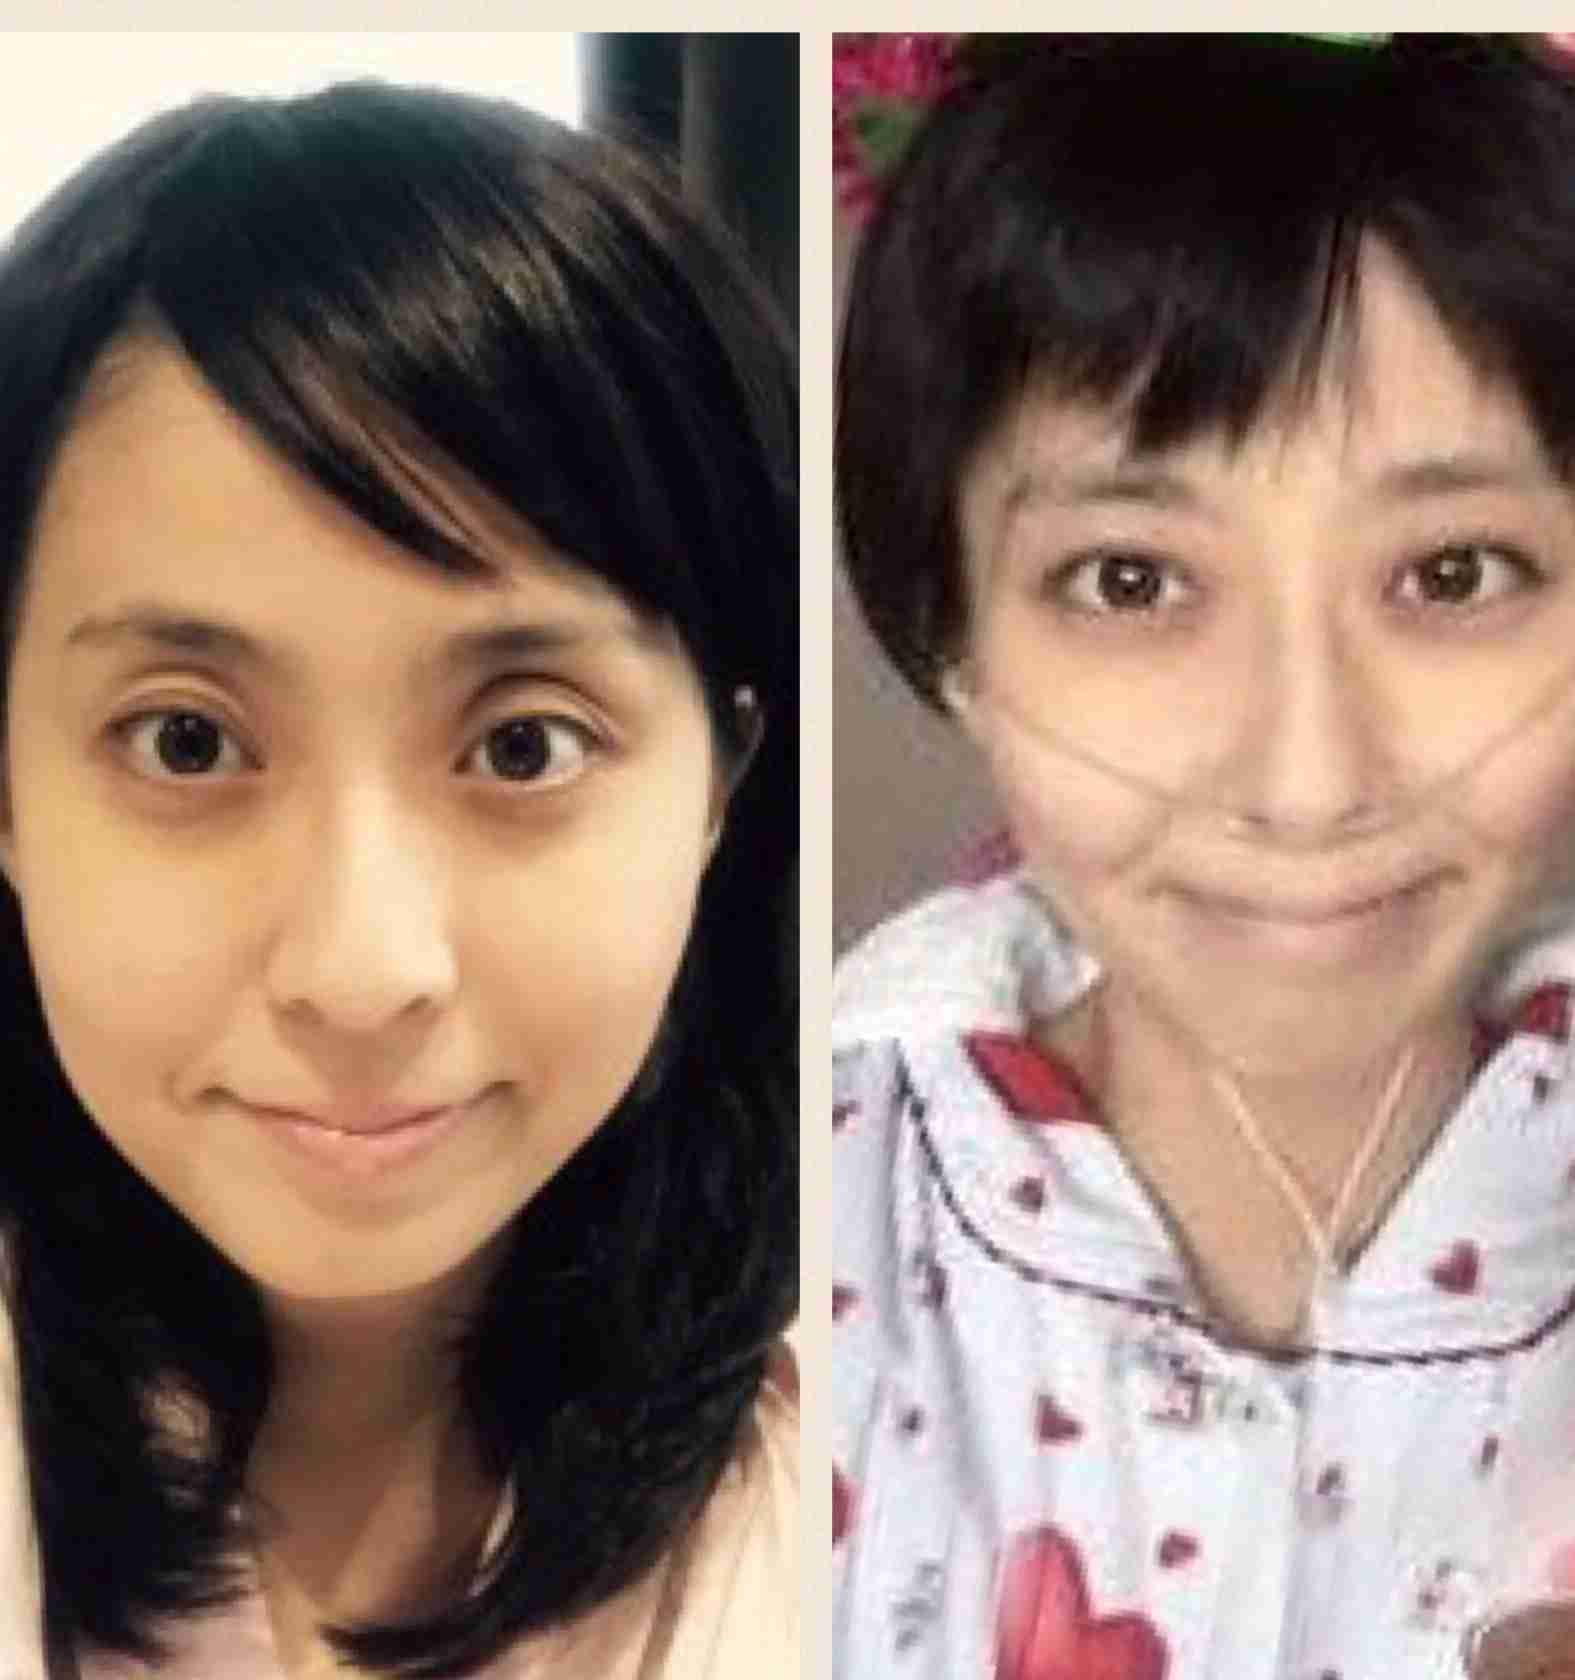 小林麻央37日ぶり退院 在宅医療へ「家族に支えてもらいながら生活していきます」